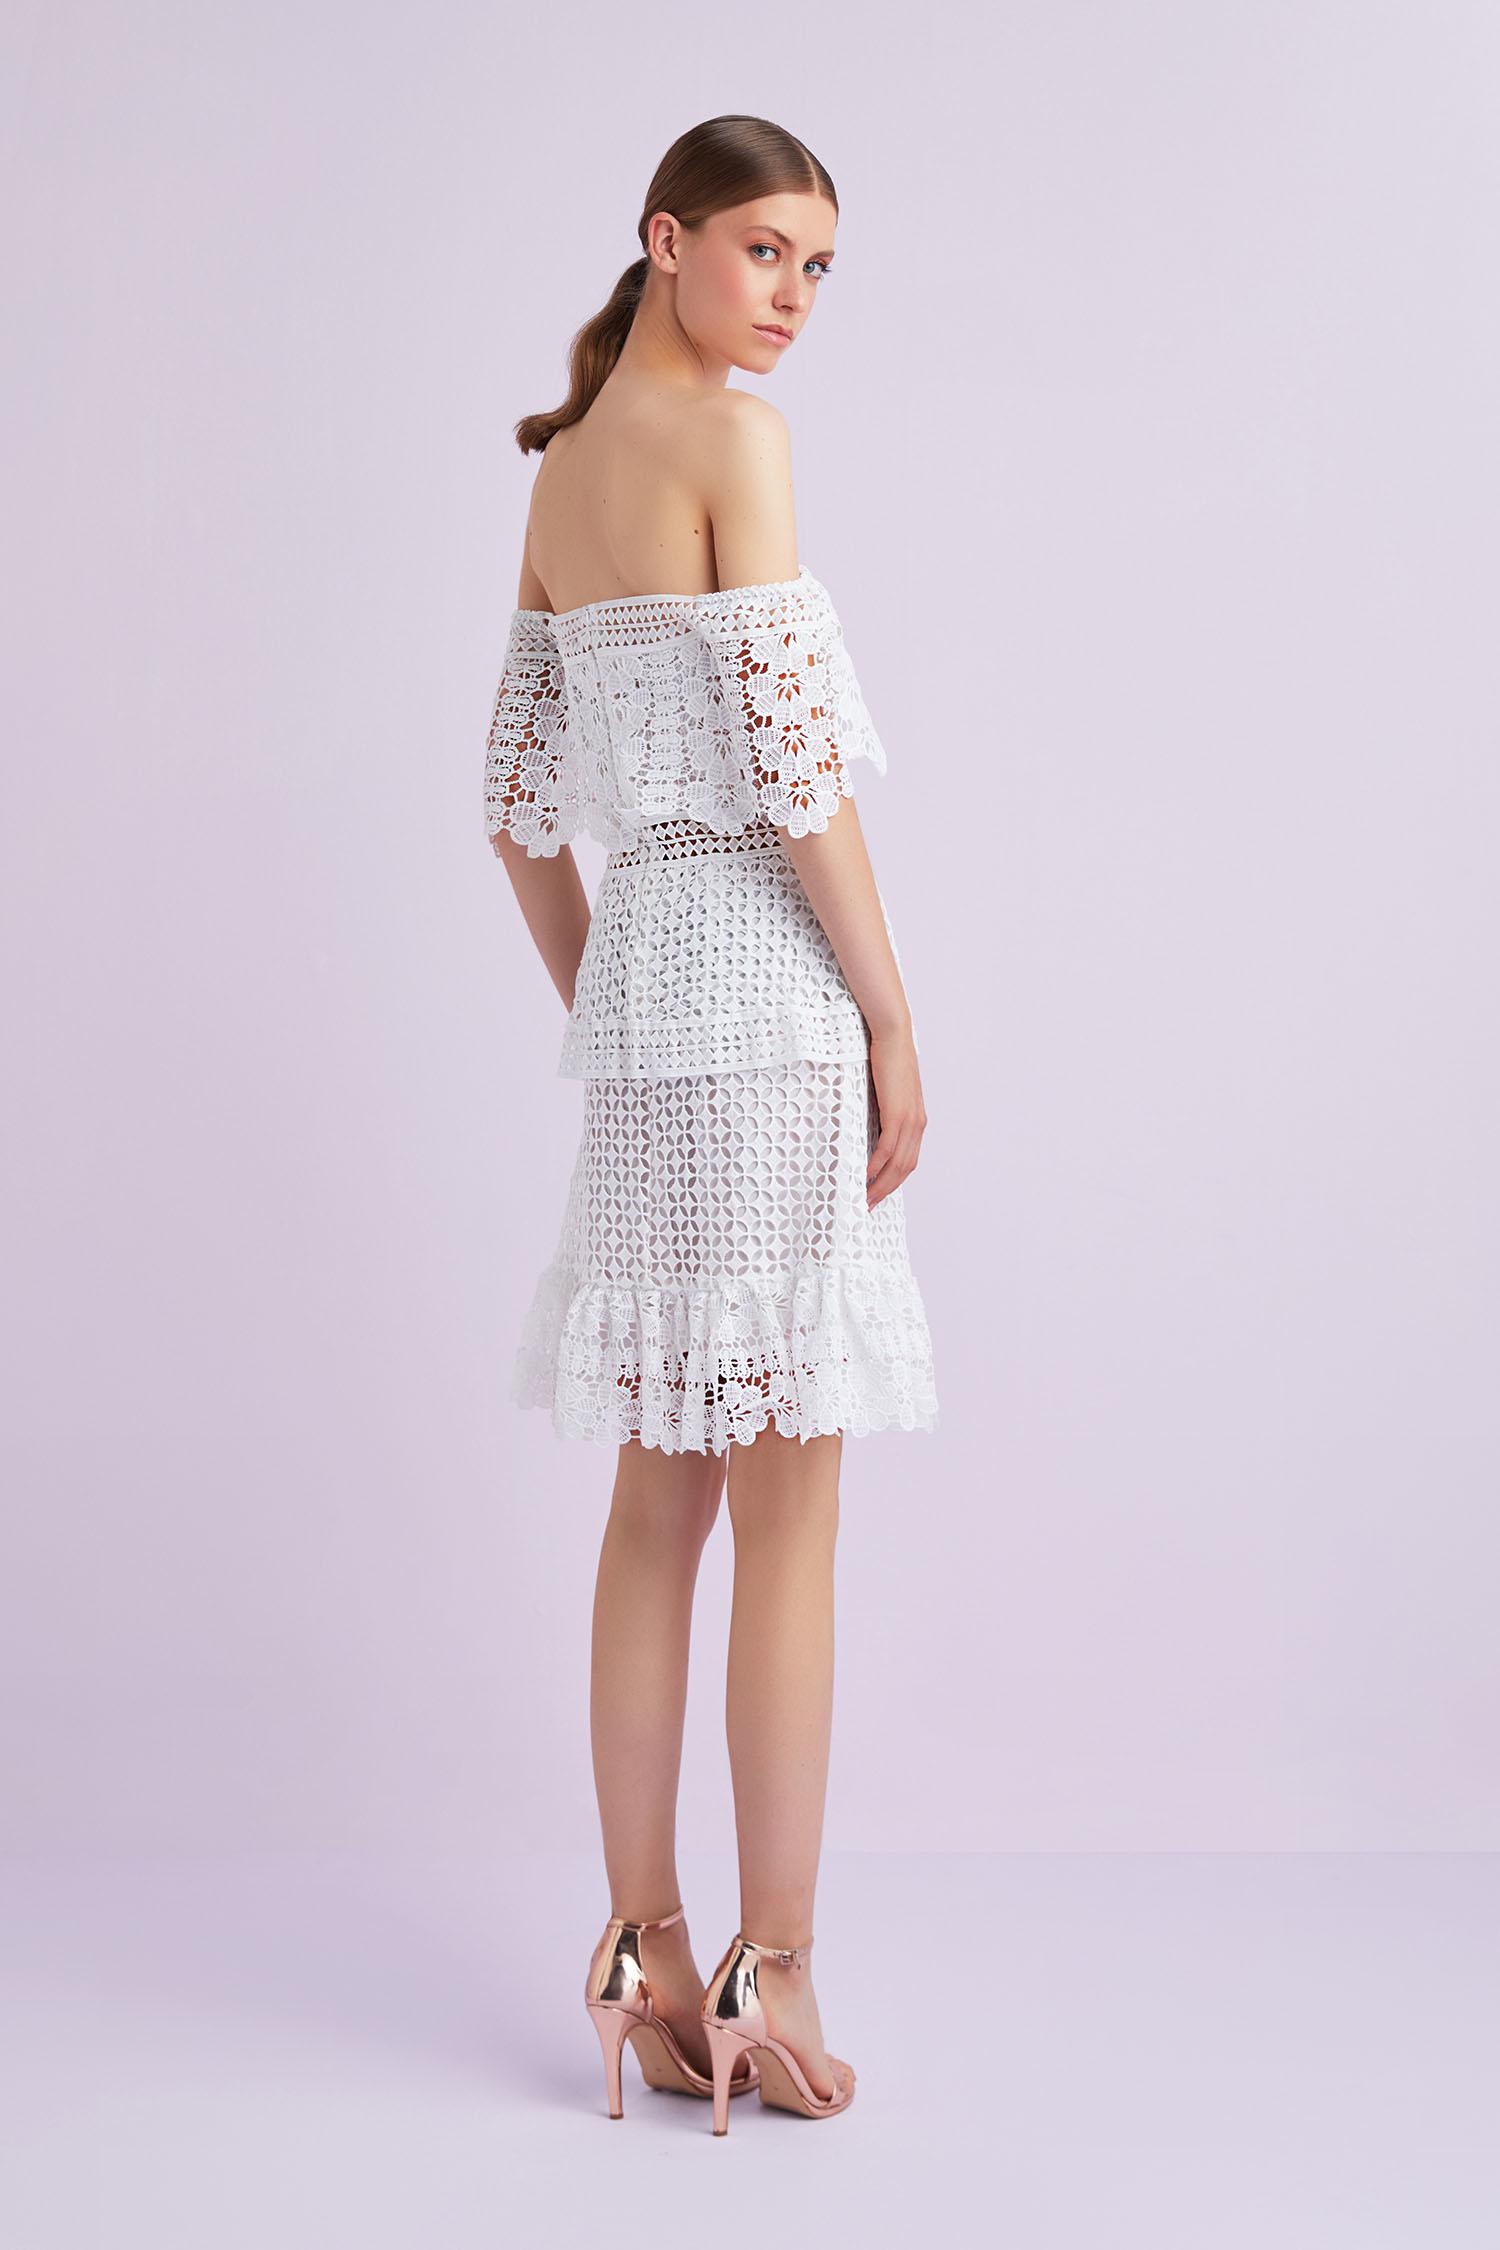 Dantel İşlemeli Kısa Nikah Elbisesi Beyaz Kayık Yaka